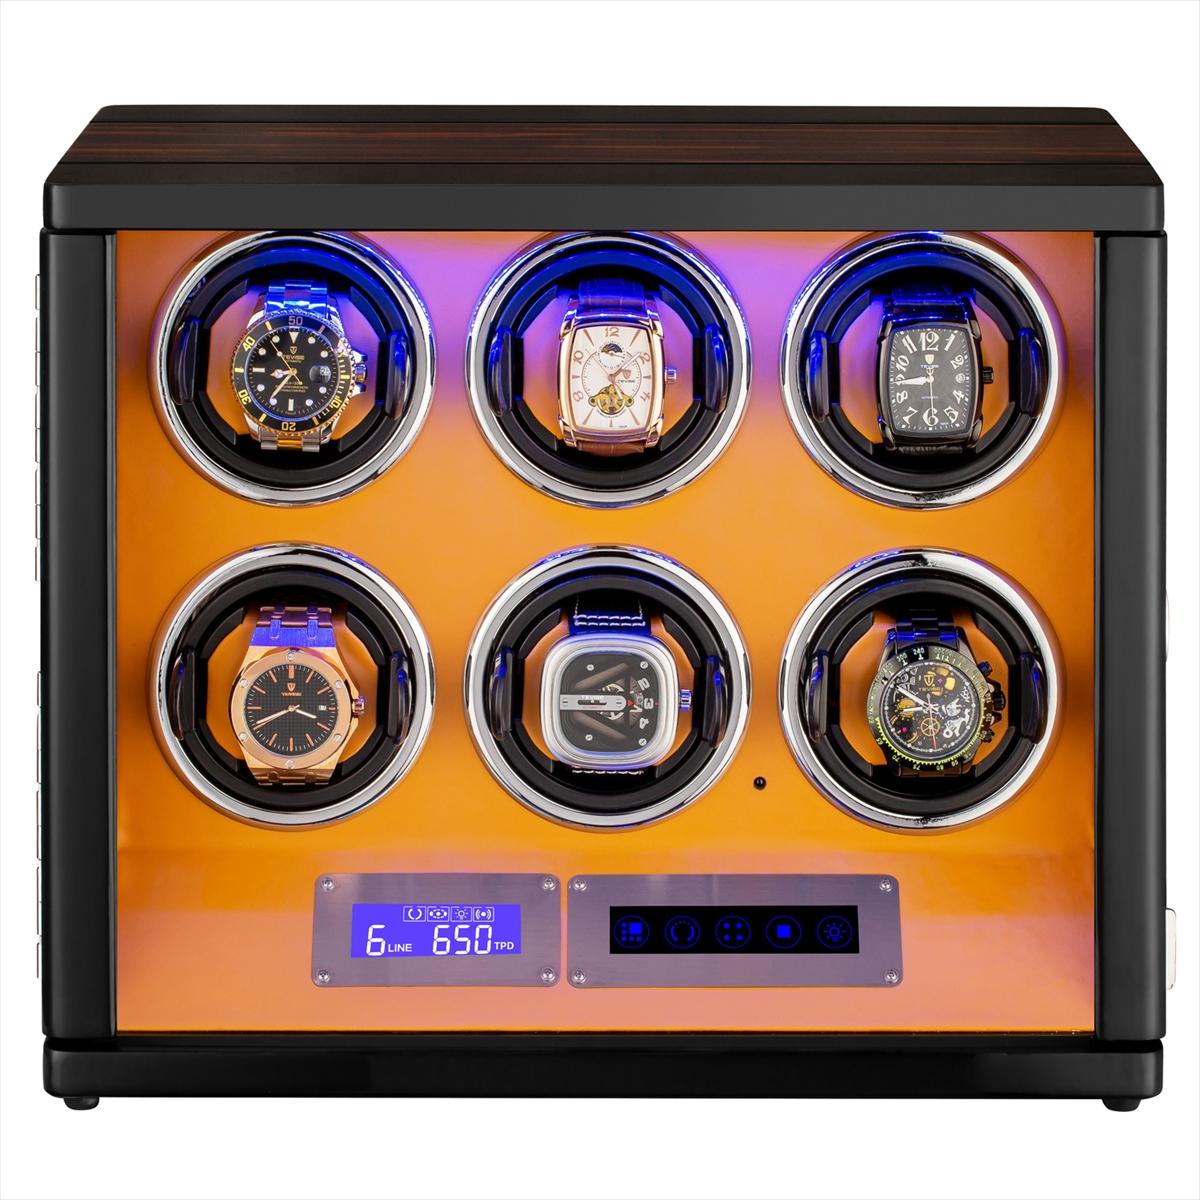 HOKUTO ワインディングマシーン 腕時計自動巻き器 ウォッチワインダー 6本巻き上げLEDライト付き腕時計 自動巻き ワインディングマシン 時計 収納ケース メンズ レディース 自動巻き機 ウォッチケース 時計ケース ギフト スタンド プレゼント 超静音